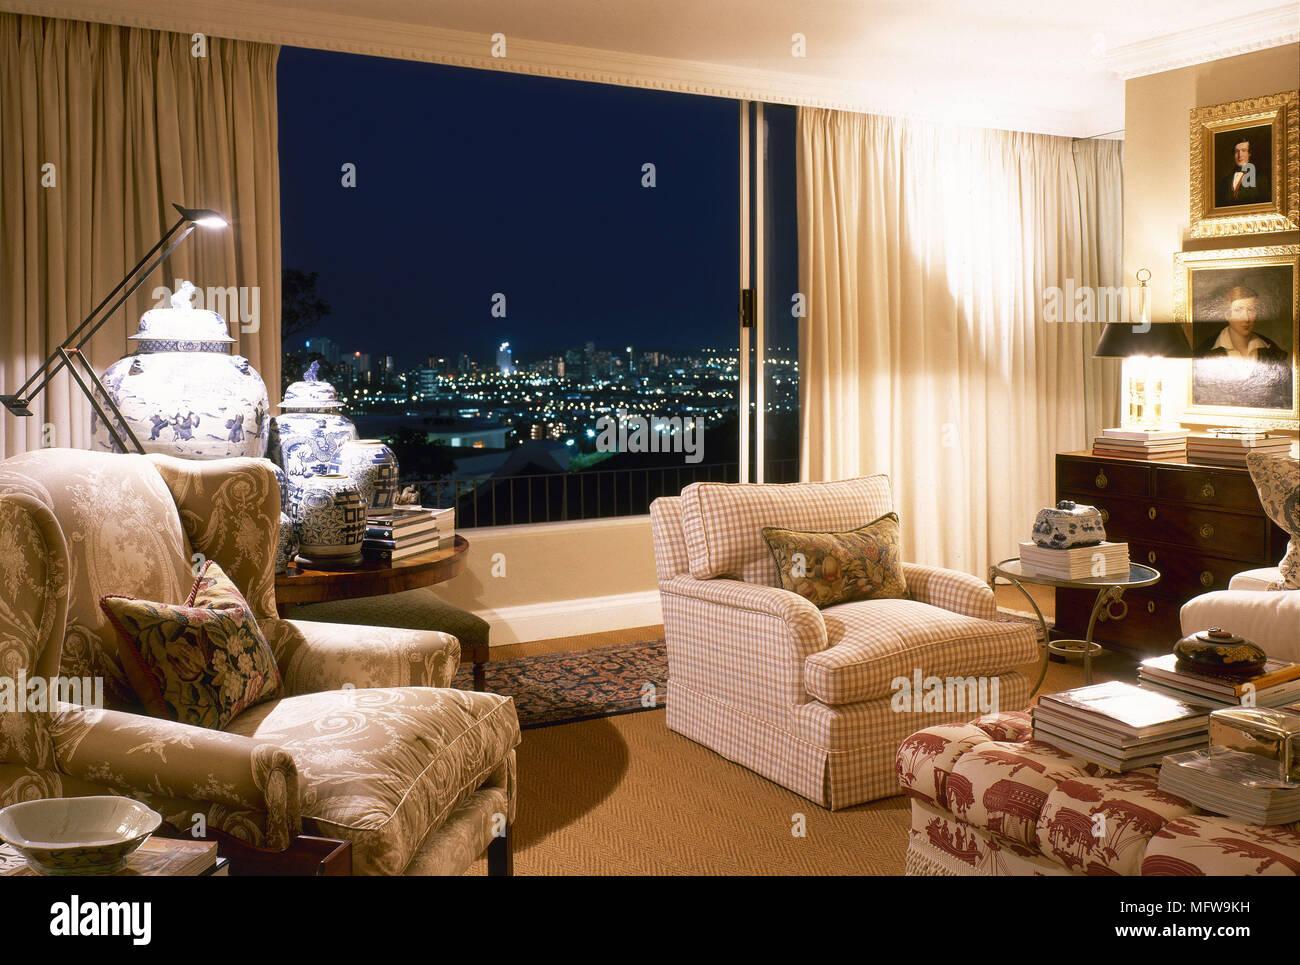 Sal n tradicionales sillones tapizados cortinas interiores habitaciones modernos apartamentos - Sillones tapizados modernos ...